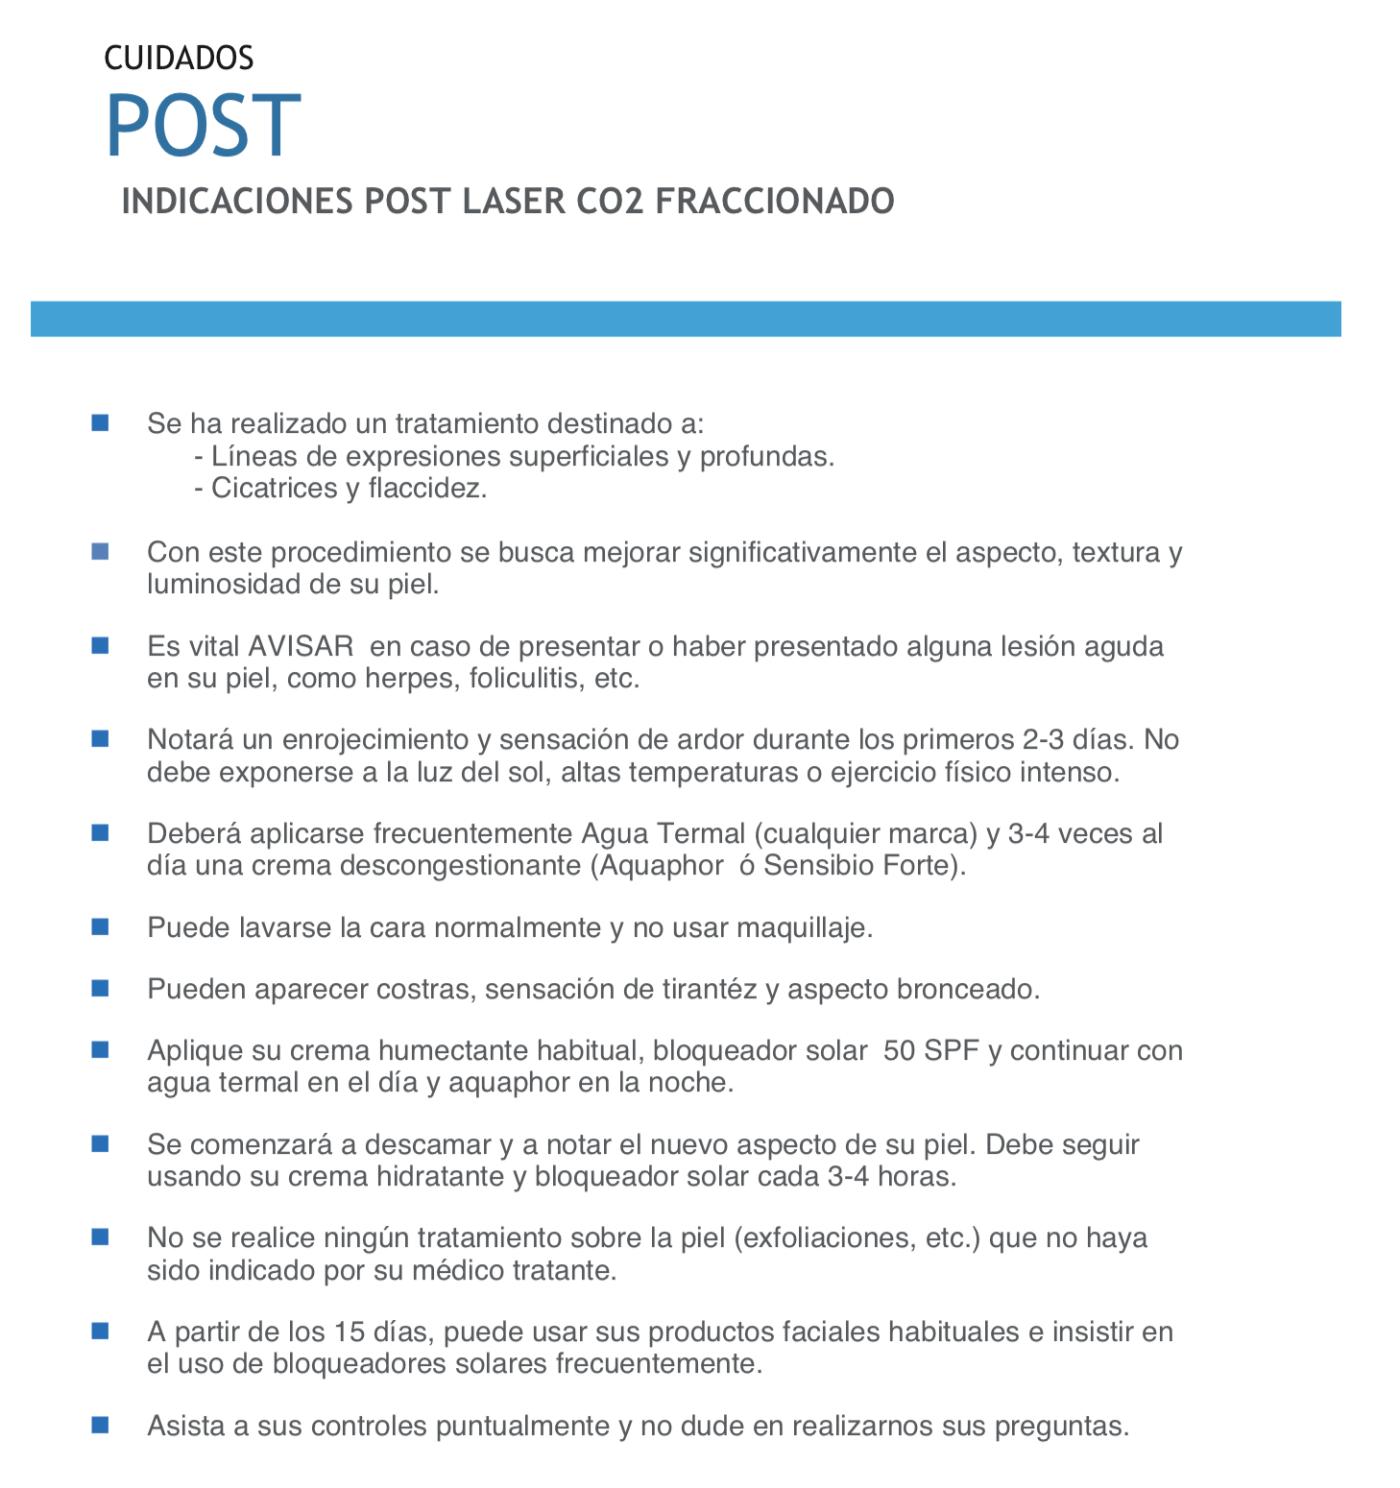 Recomendaciones post laser co2